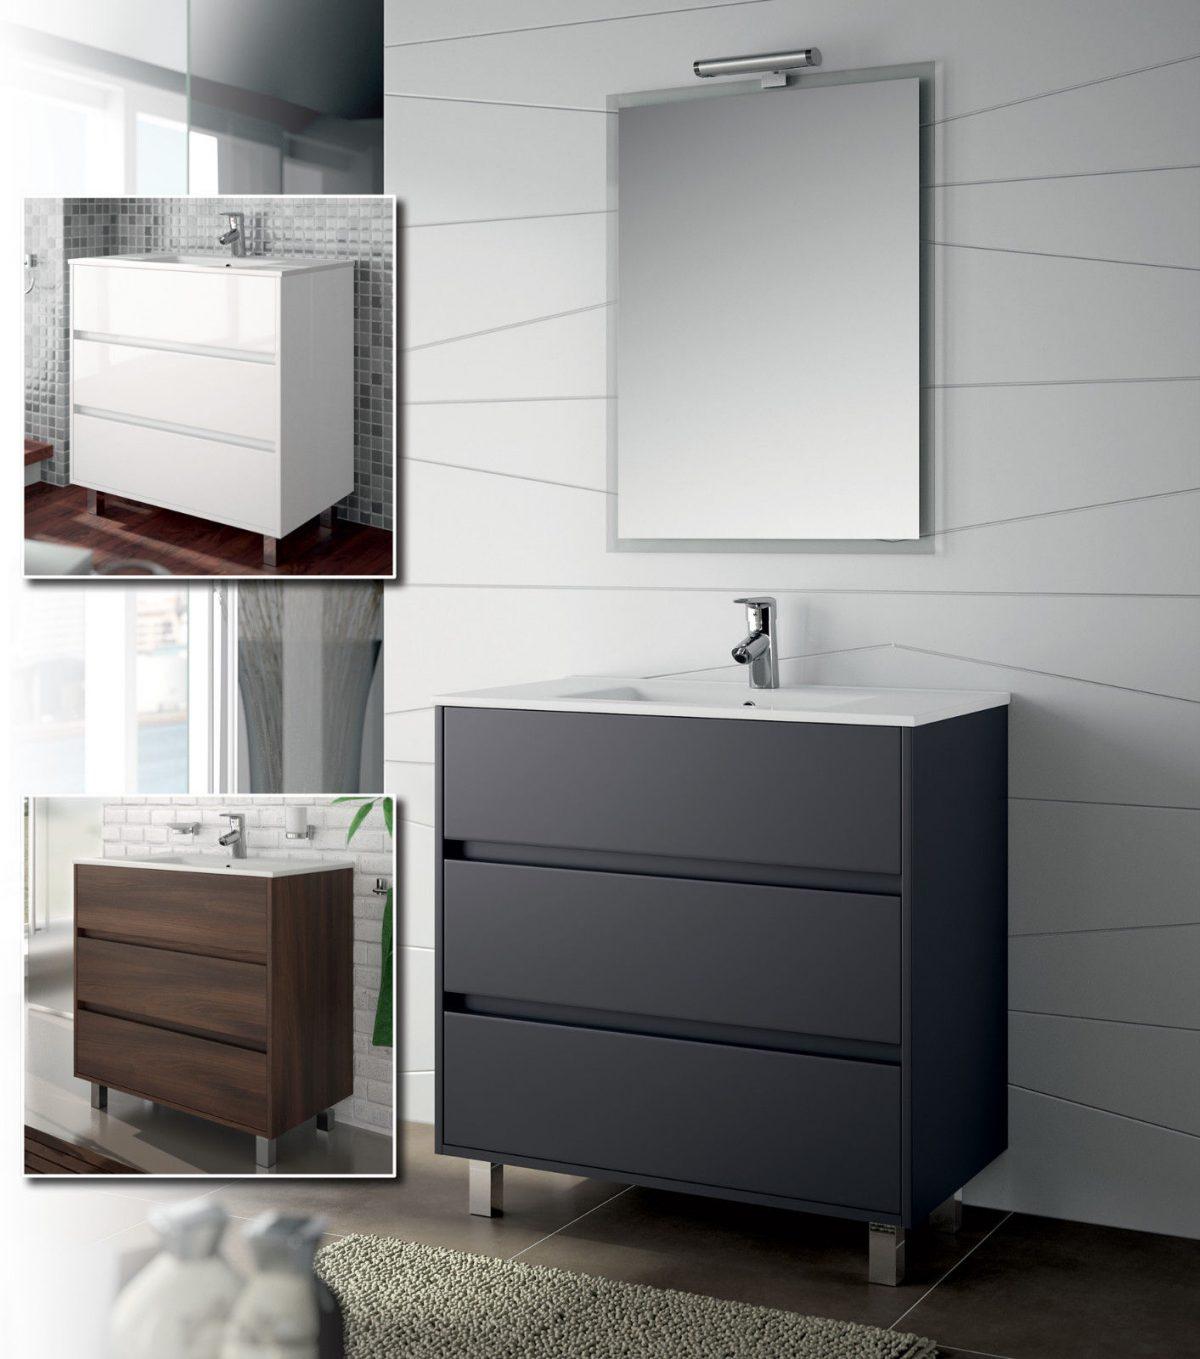 Fashion bathroom cabinet